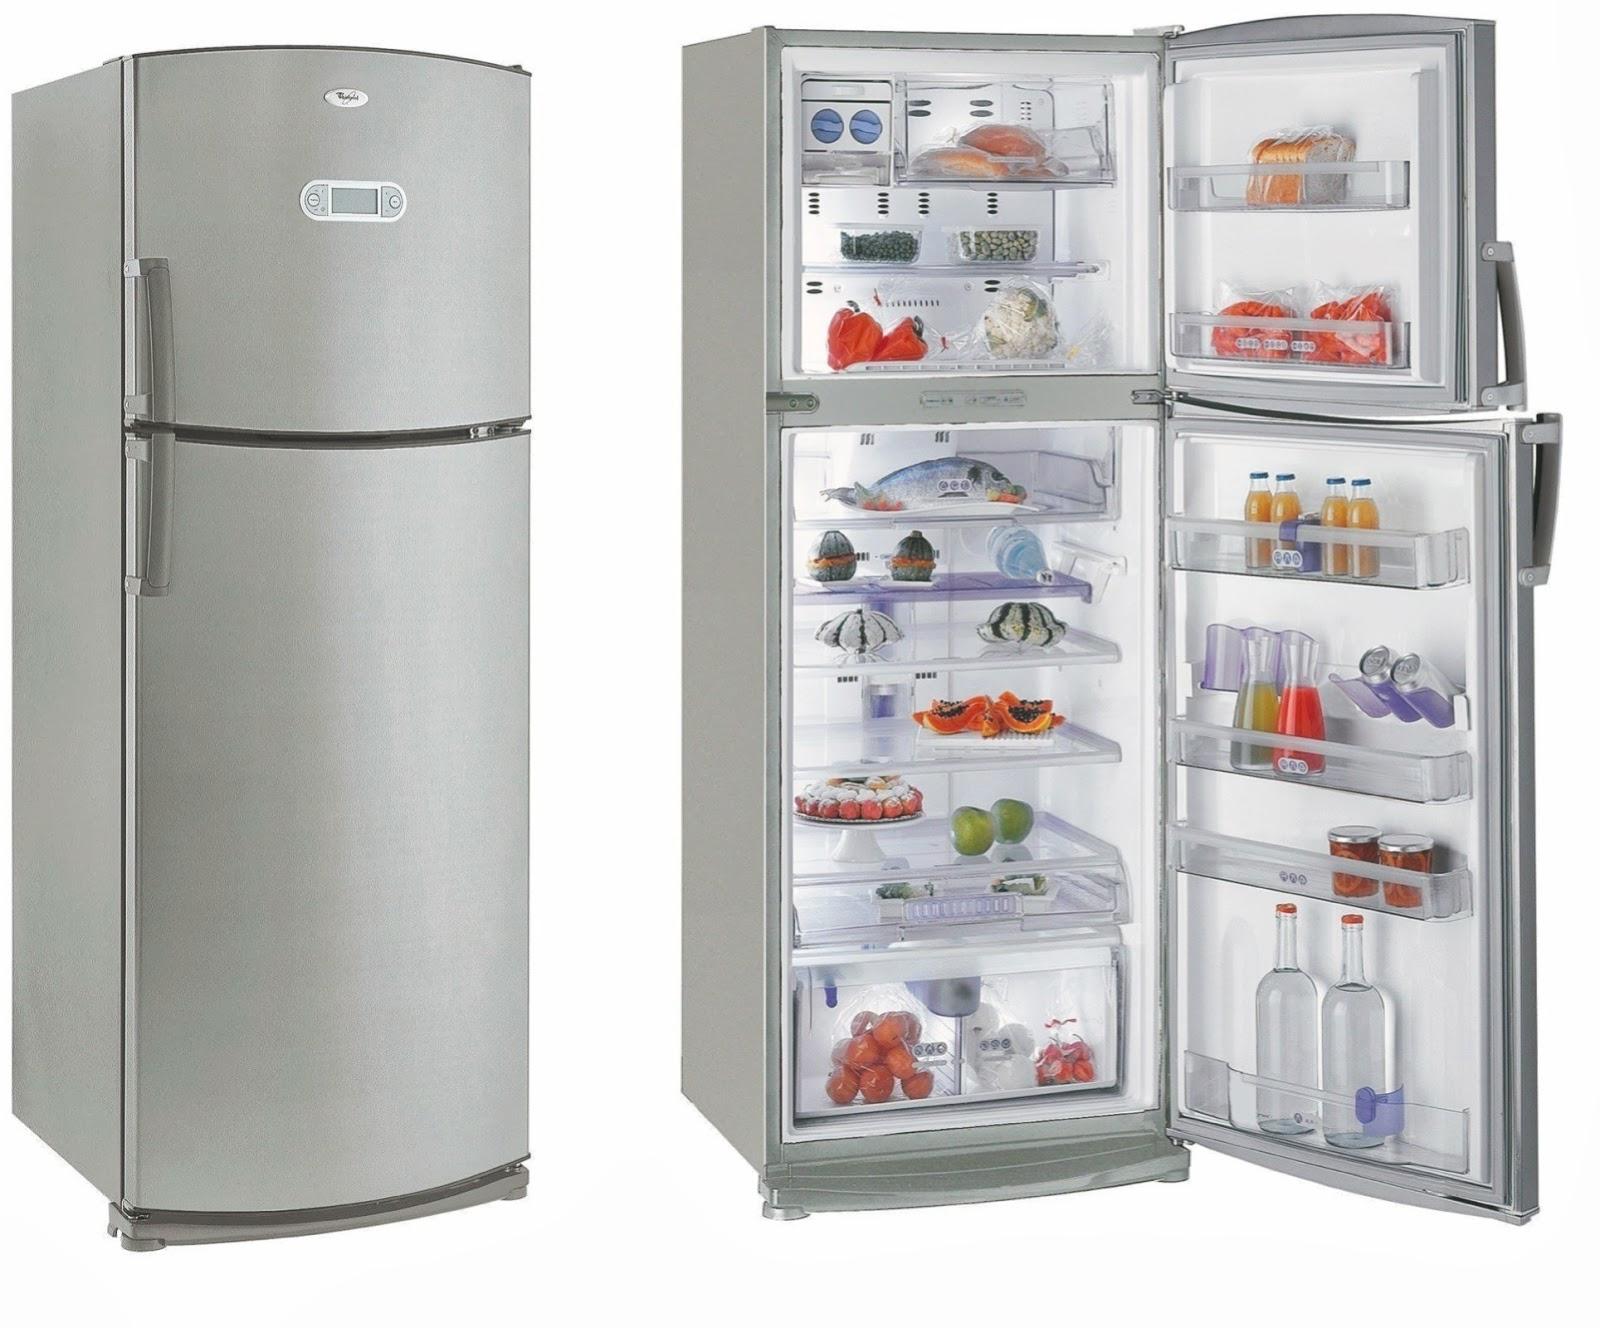 Энергопотребление холодильника может зависеть от его объема